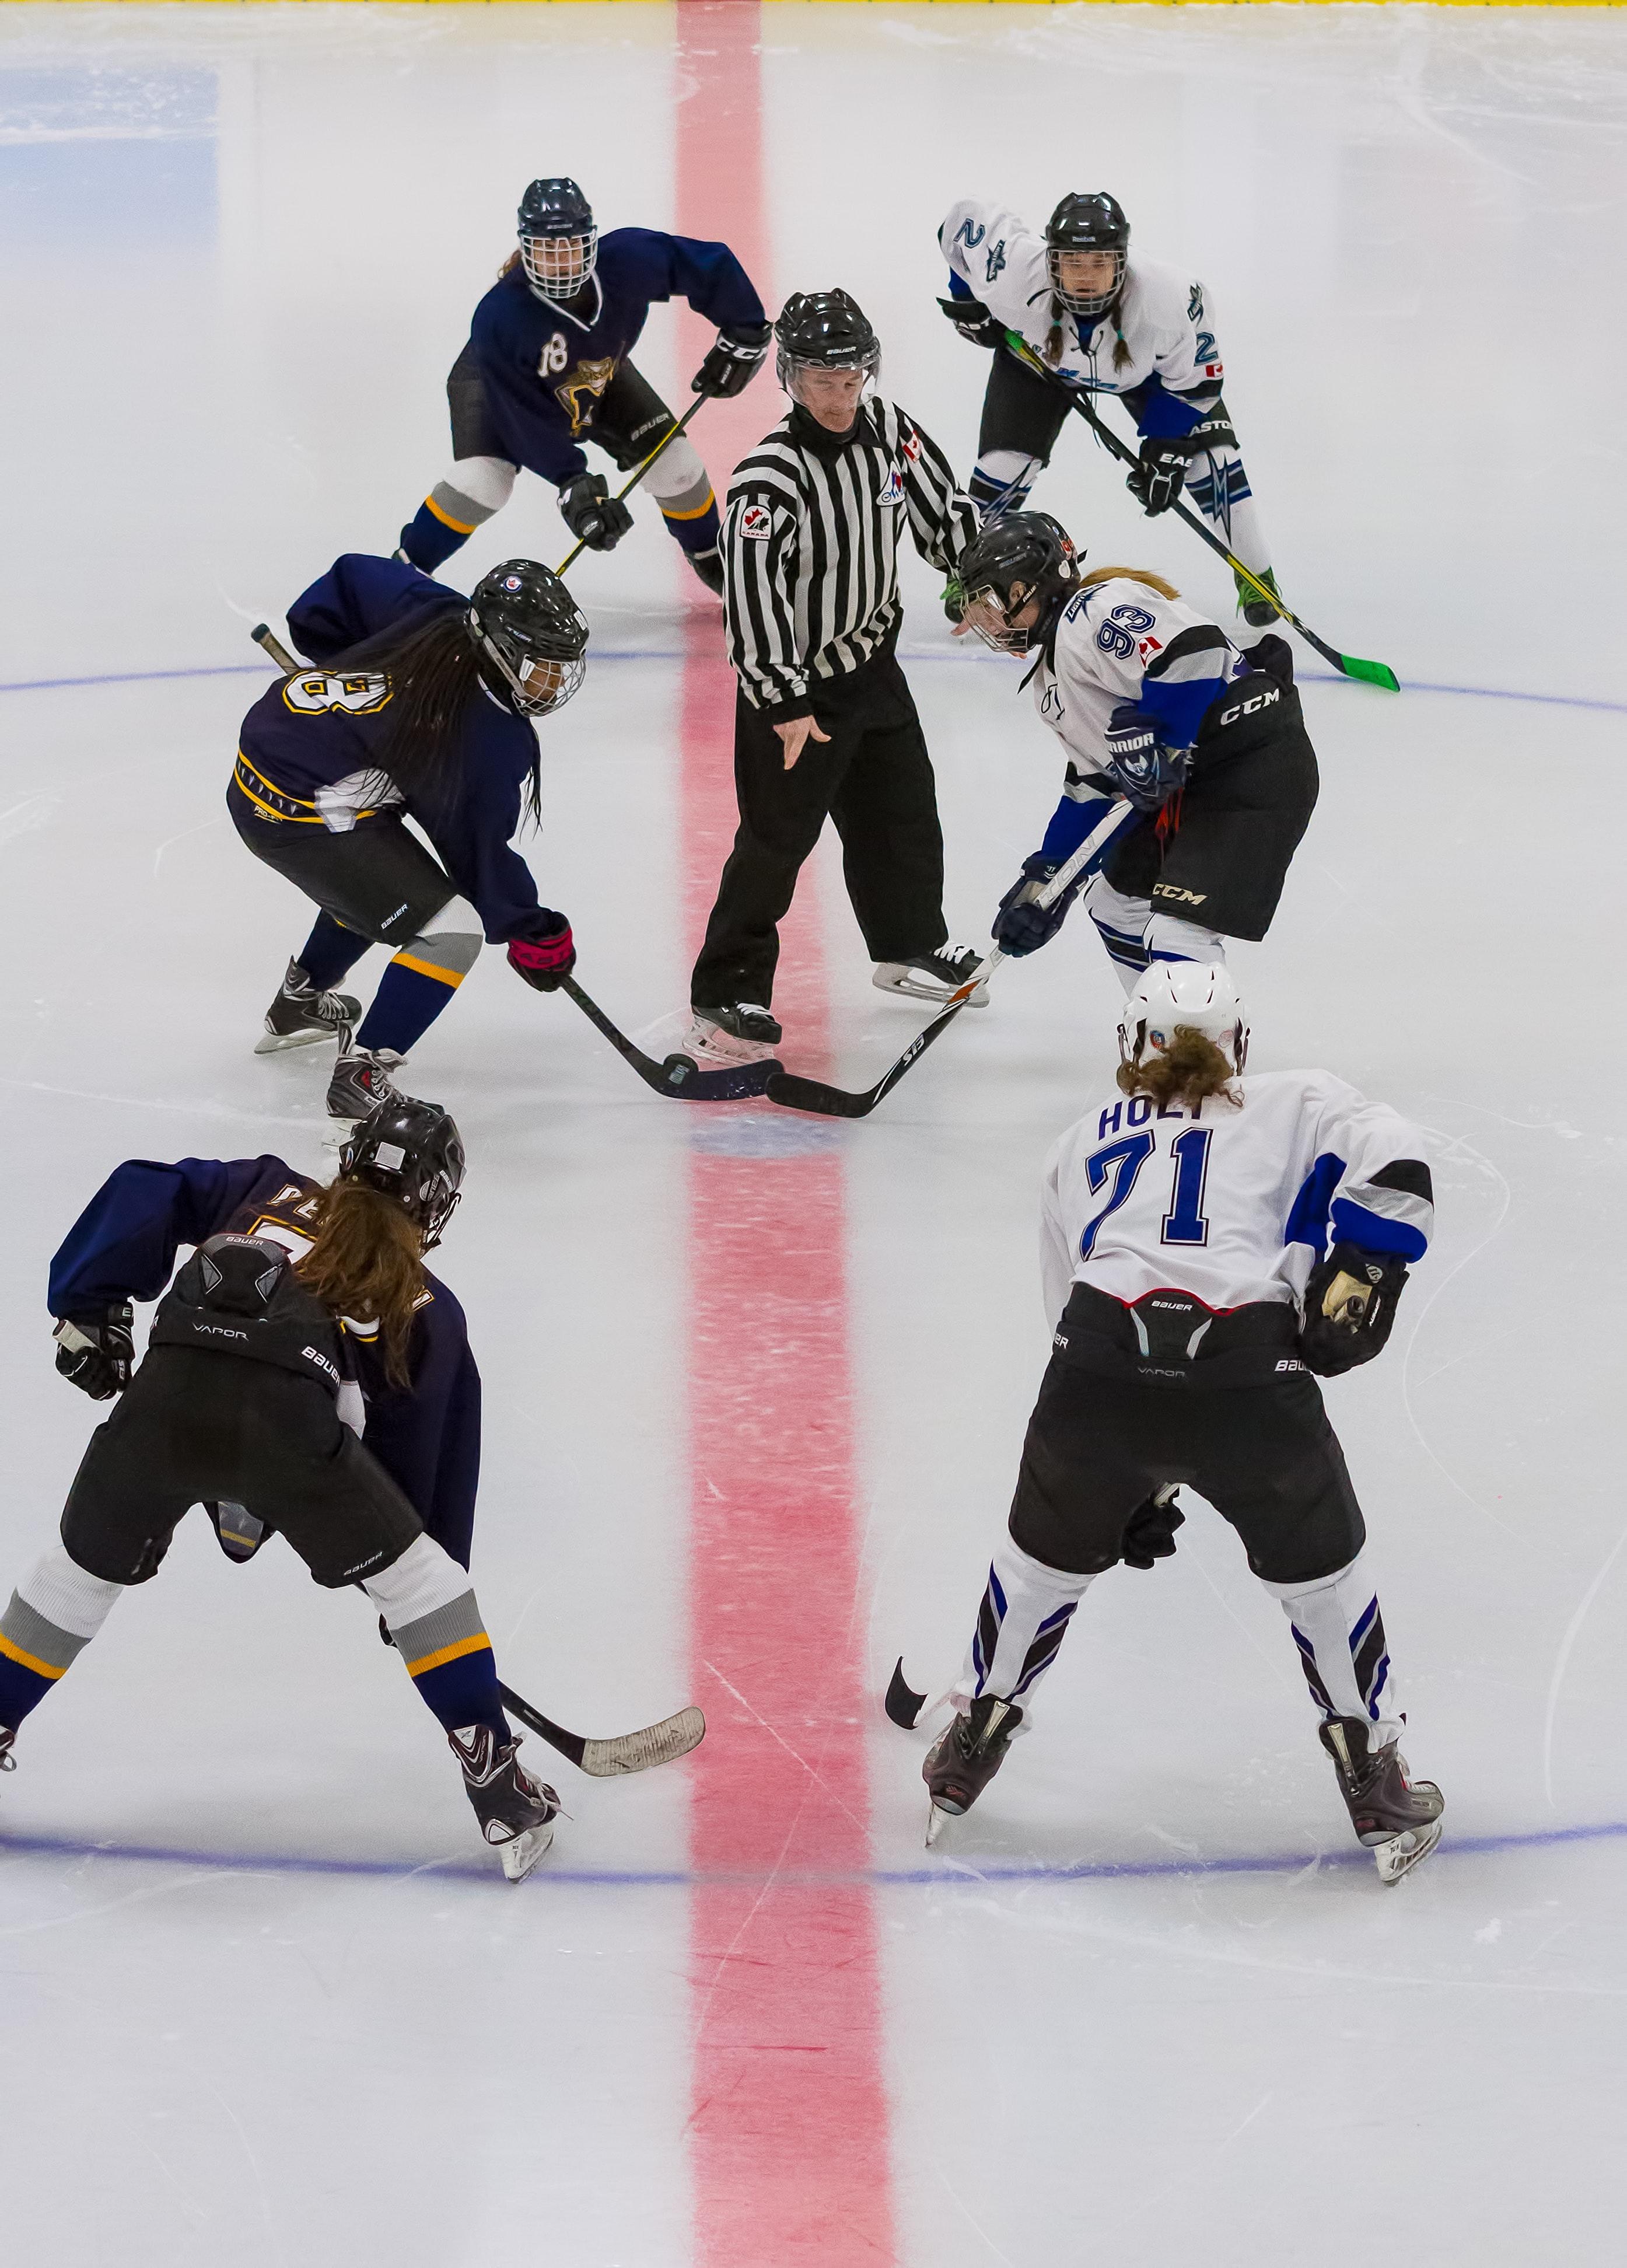 Texten handlar om att lita på idrottare när de säger att de gör sitt bästa. Därför passar det bra med ungdomar som spelar en ishockeymatch.